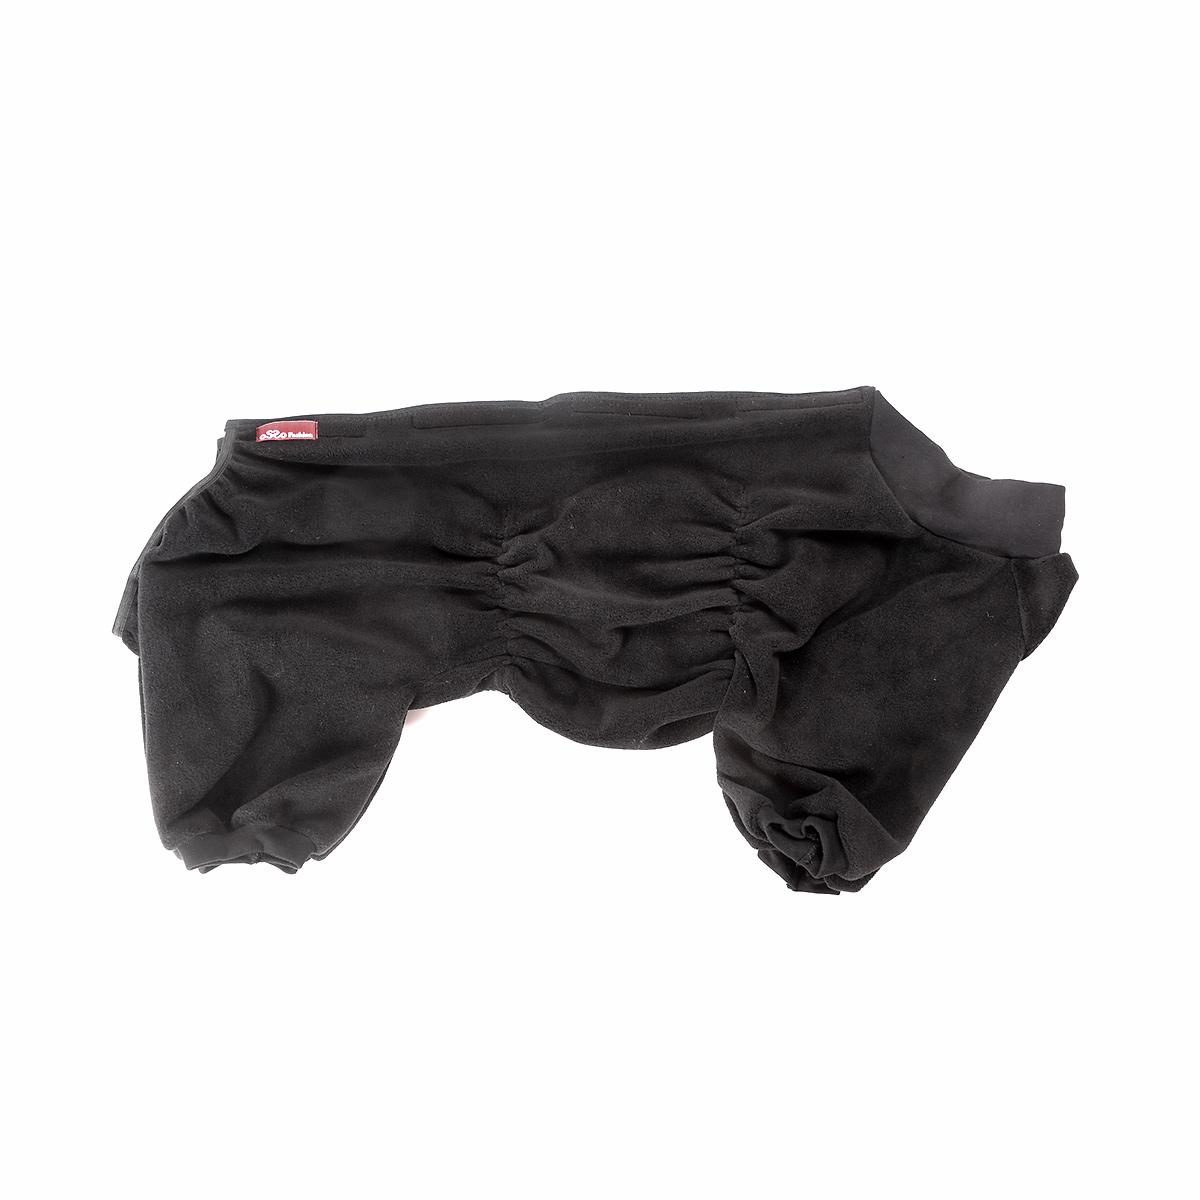 Комбинезон для собак OSSO Fashion, для мальчика, цвет: графит. Размер 45Кф-1016Комбинезон для собак OSSO Fashion выполнен из флиса. Комфортная посадка по корпусу достигается за счет резинок-утяжек под грудью и животом. На воротнике имеются завязки, для дополнительной фиксации. Можно носить самостоятельно и как поддевку под комбинезон для собак. Изделие отлично стирается, быстро сохнет.Длина спинки: 45 см. Объем груди: 56-66 см.Одежда для собак: нужна ли она и как её выбрать. Статья OZON Гид